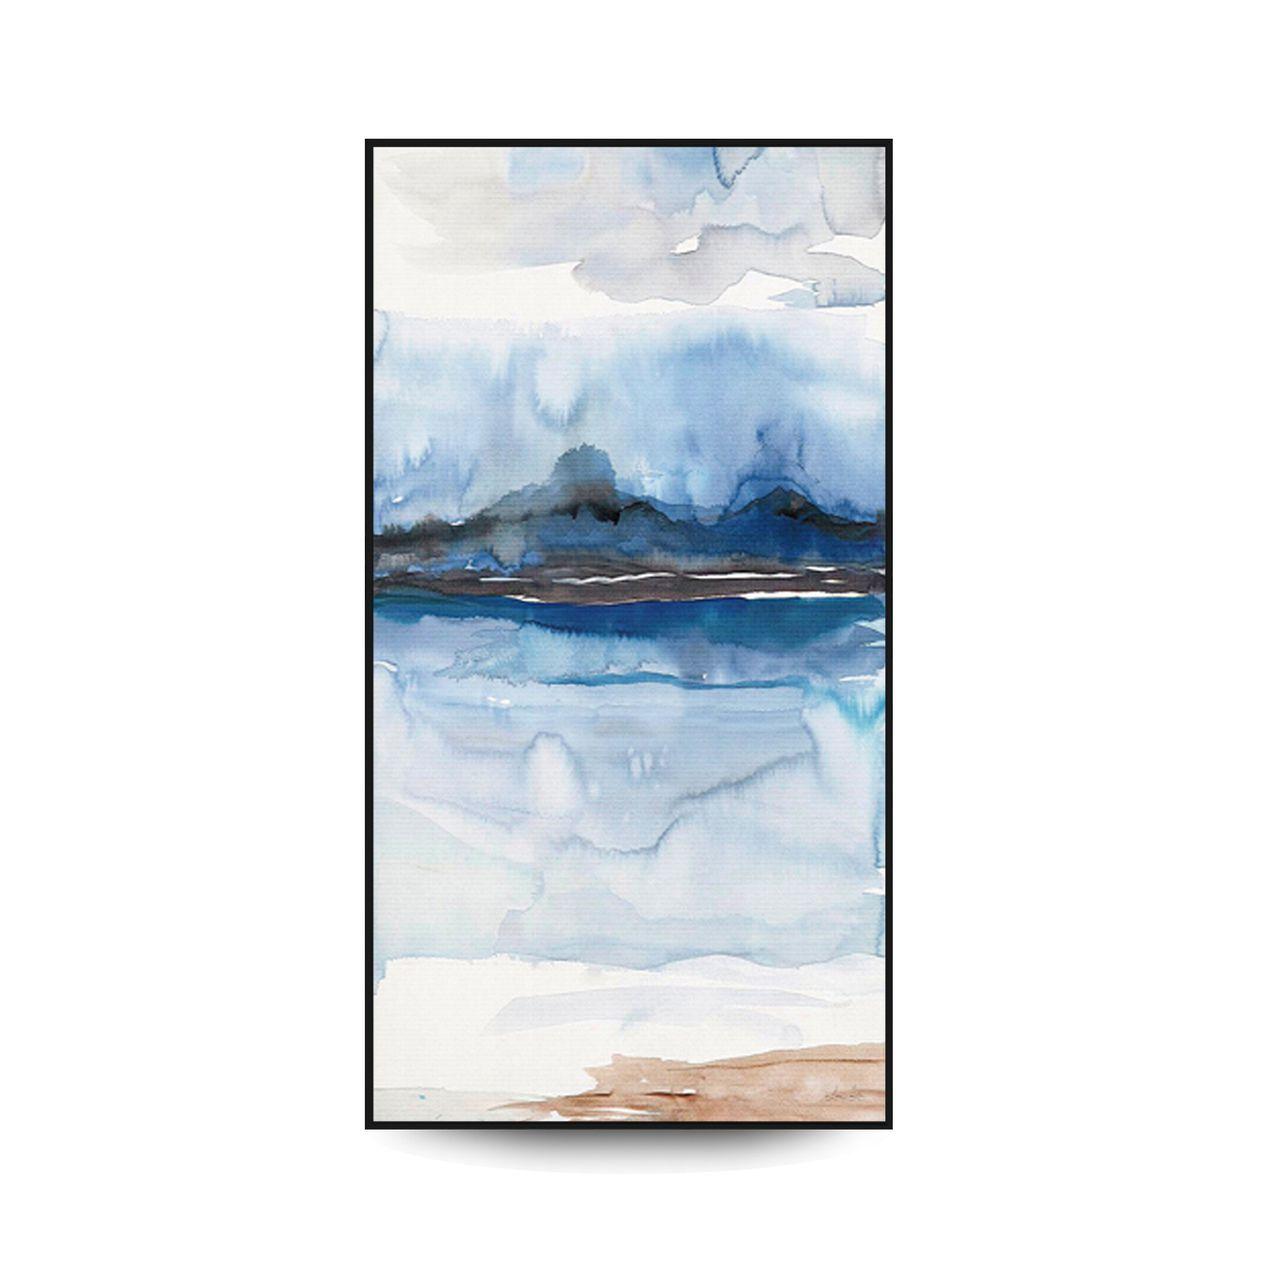 Quadro Decor Abstrato Névoa Azul